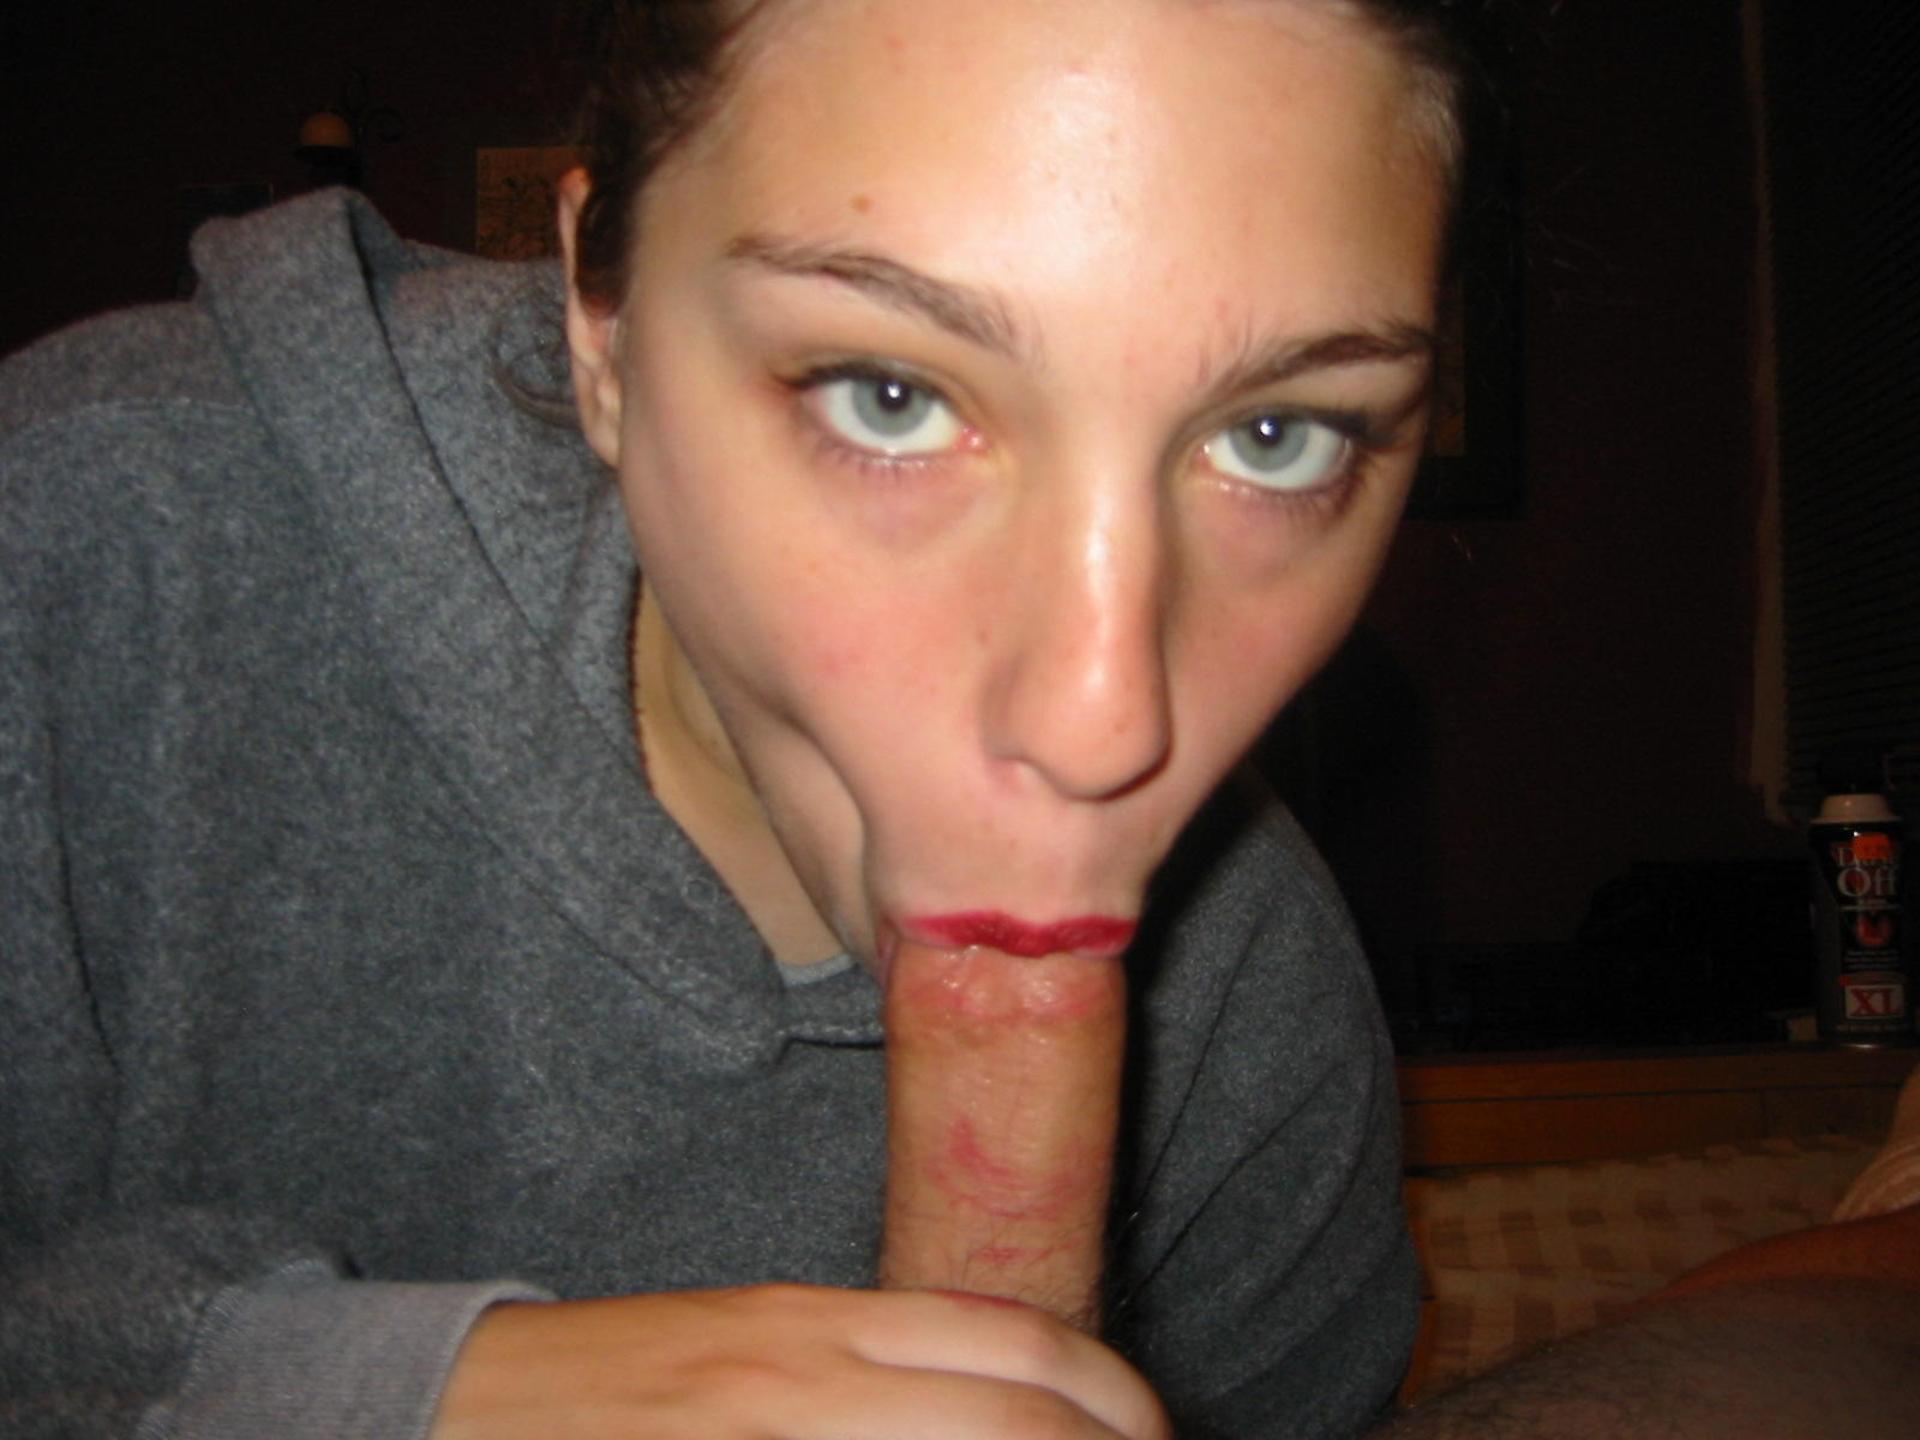 Соска в рот взяла, Татуированная соска взяла в рот пенис - Охуительное 8 фотография